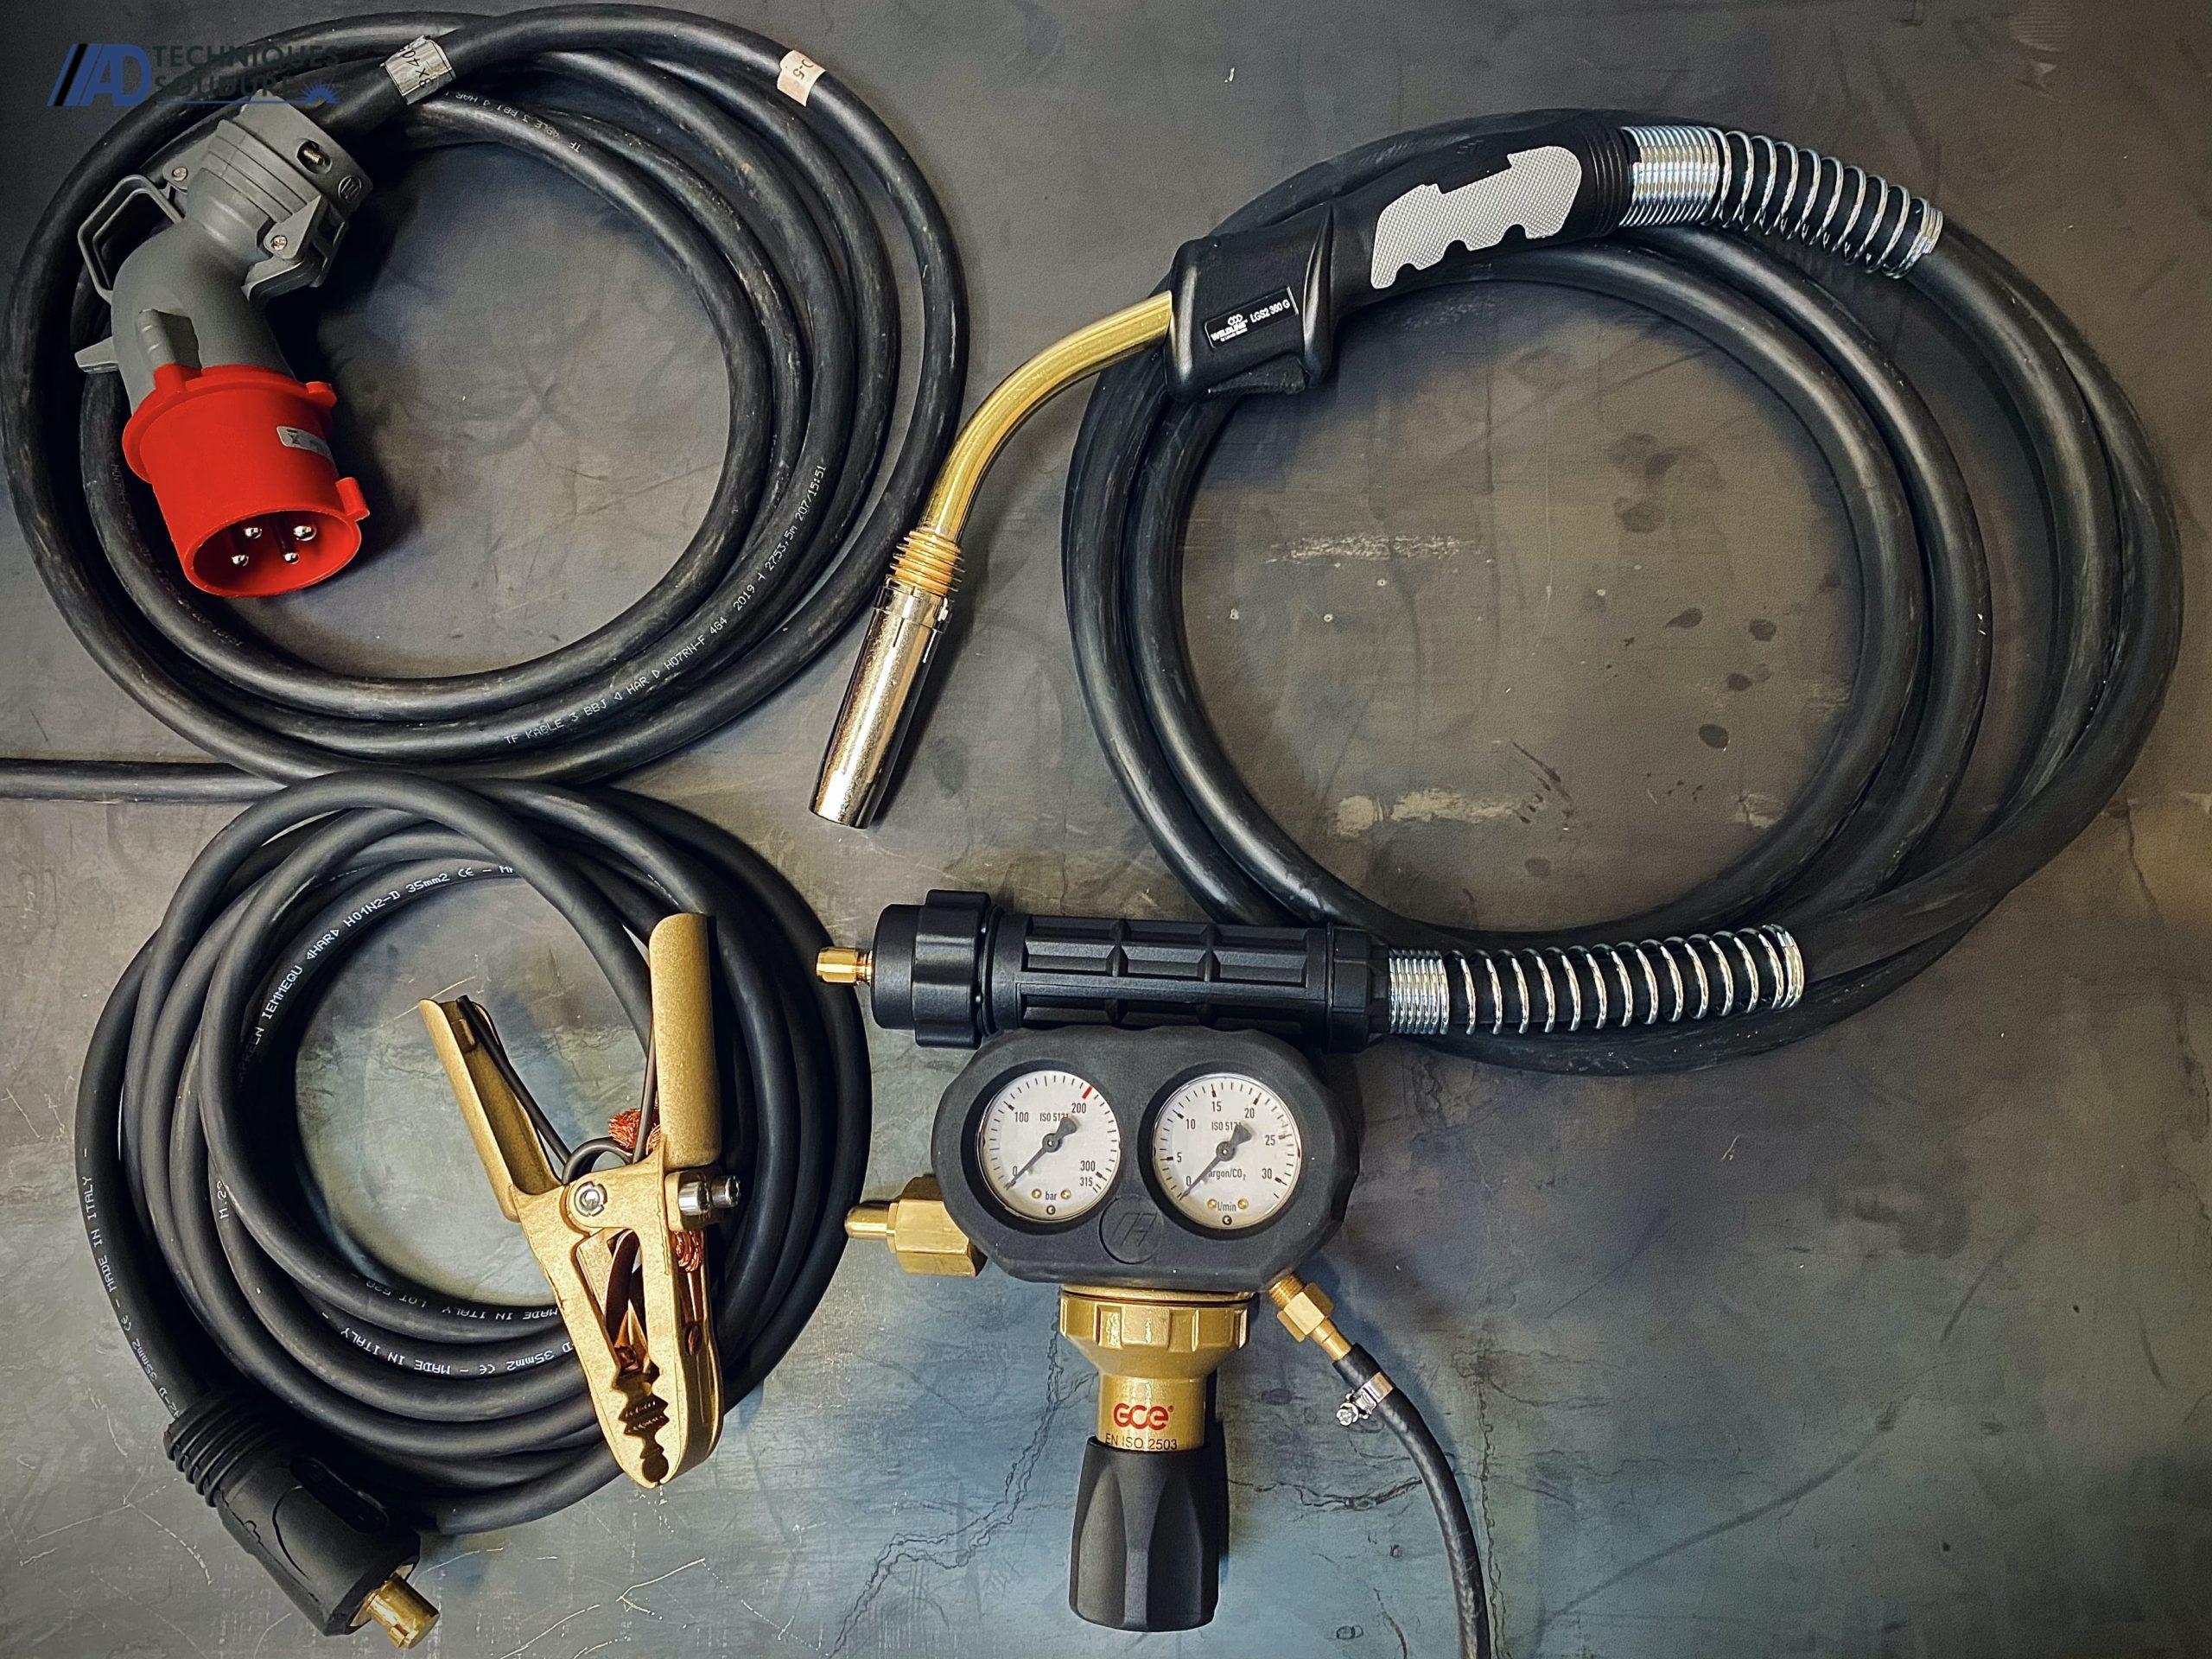 Accessoires poste à souder MIG/MAG Powertec 305C Lincoln Electric monophasé